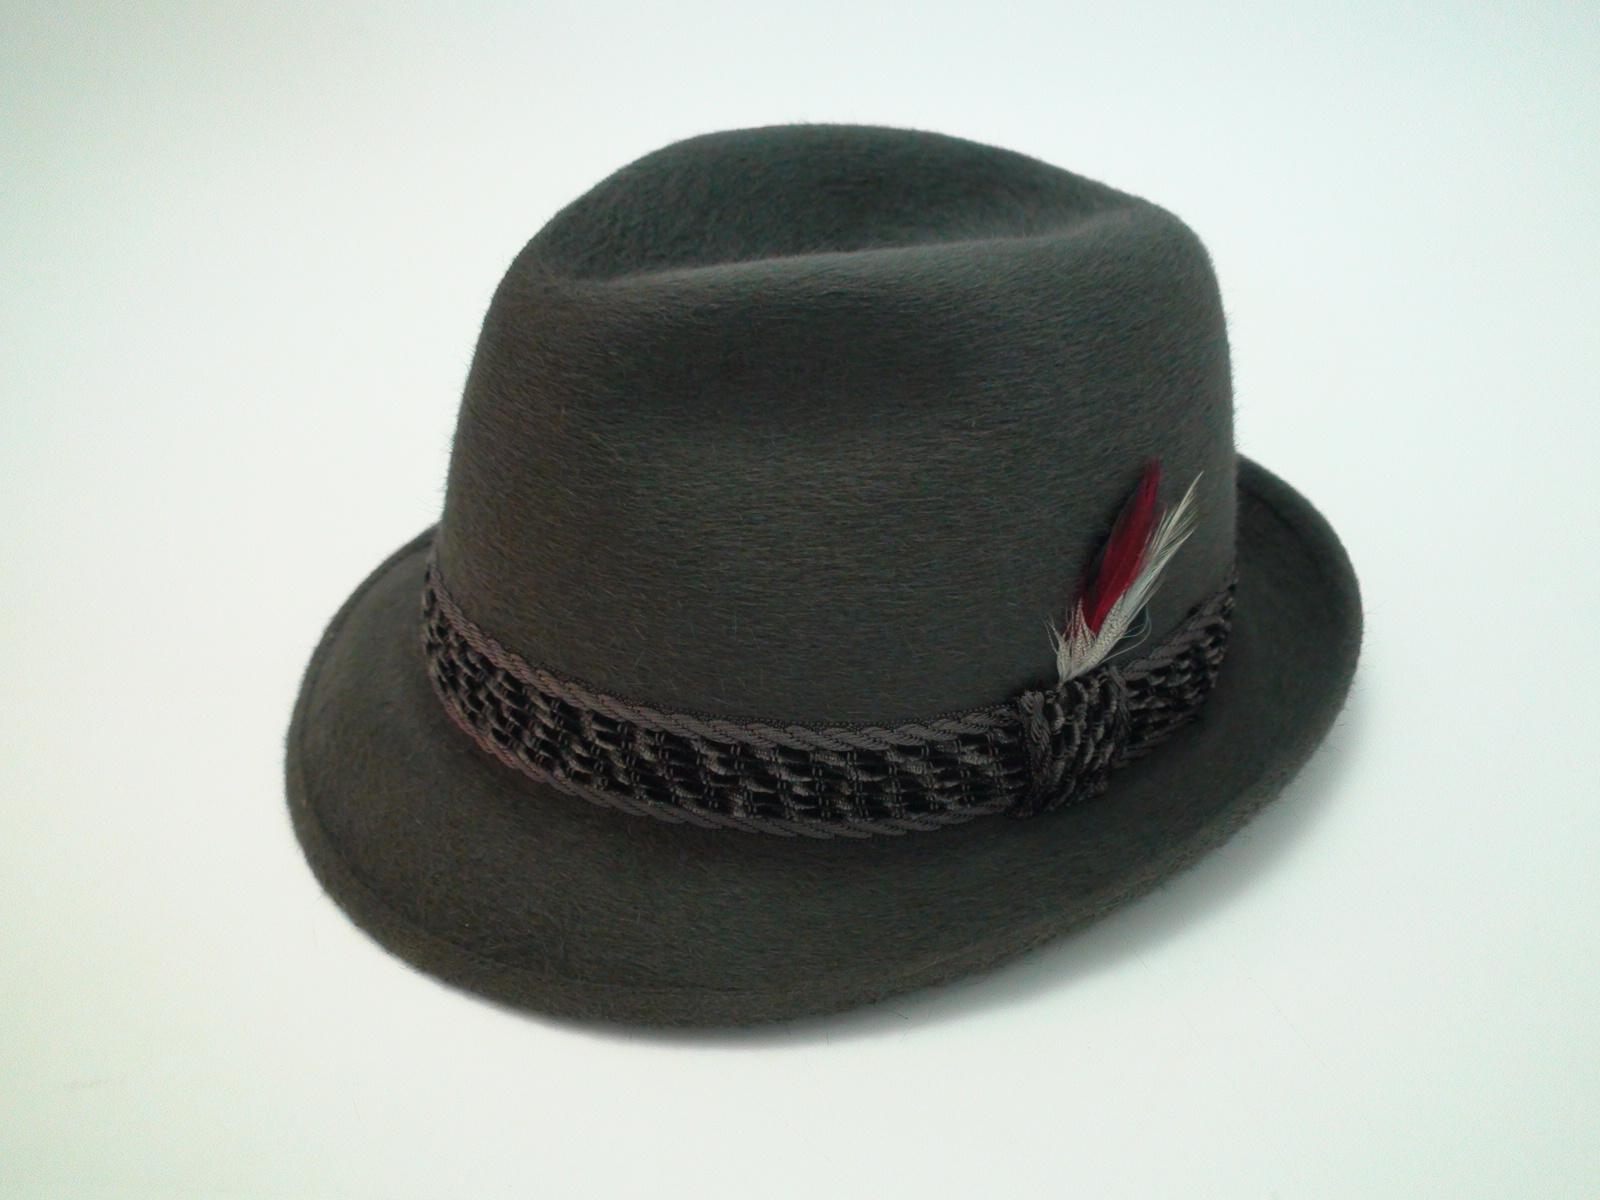 91f678cdd93a7 Dobbs Fifth Avenue New York Charcoal Fur Felt Fedora Trilby Hat